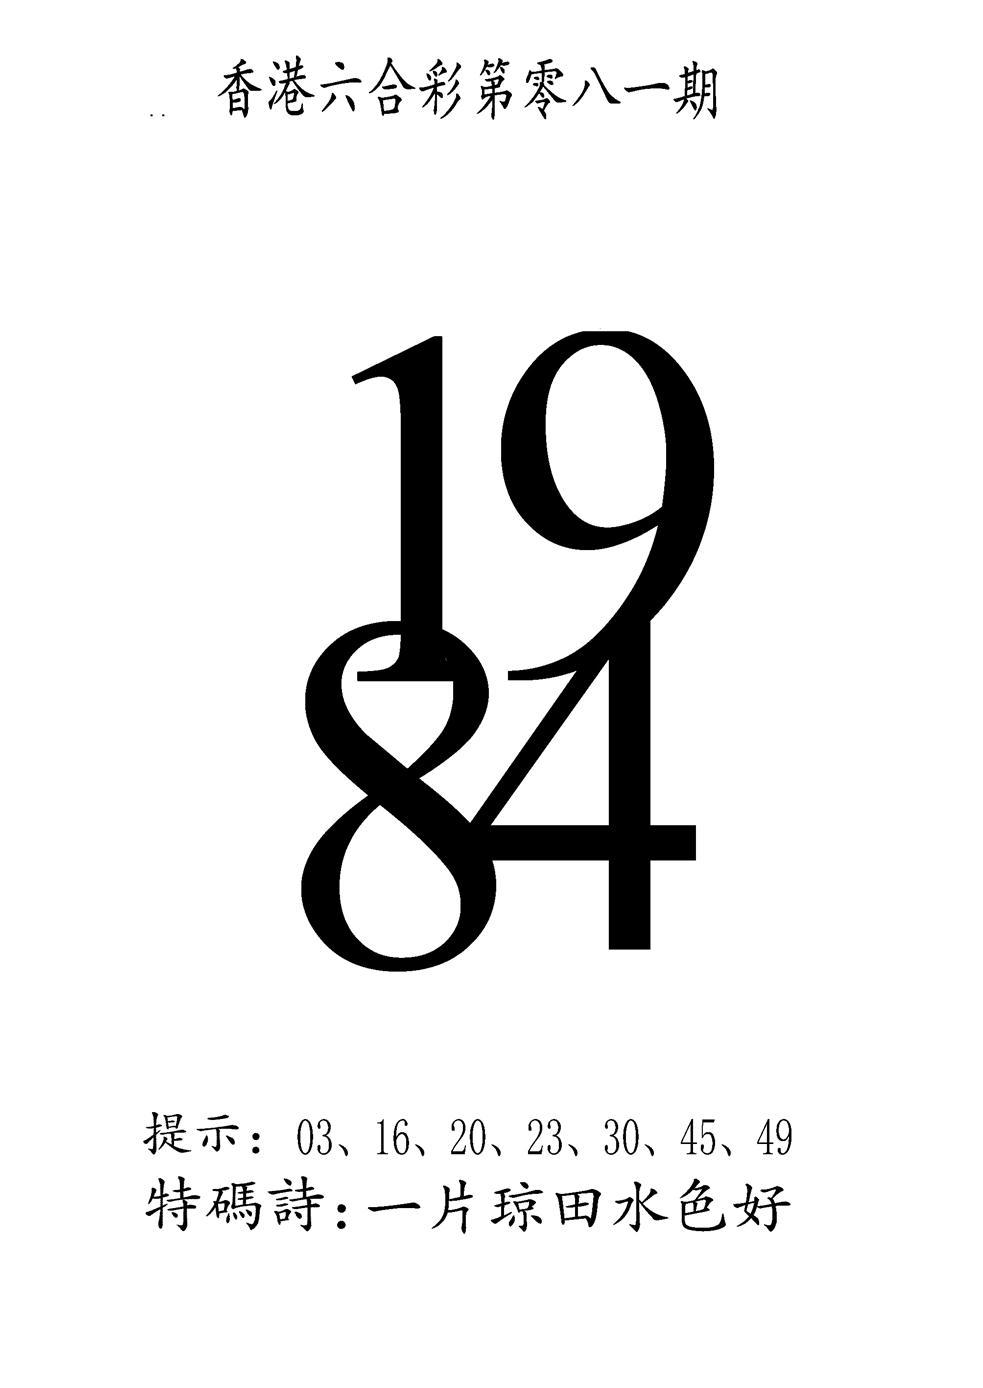 081期澳门三合王B(黑白)